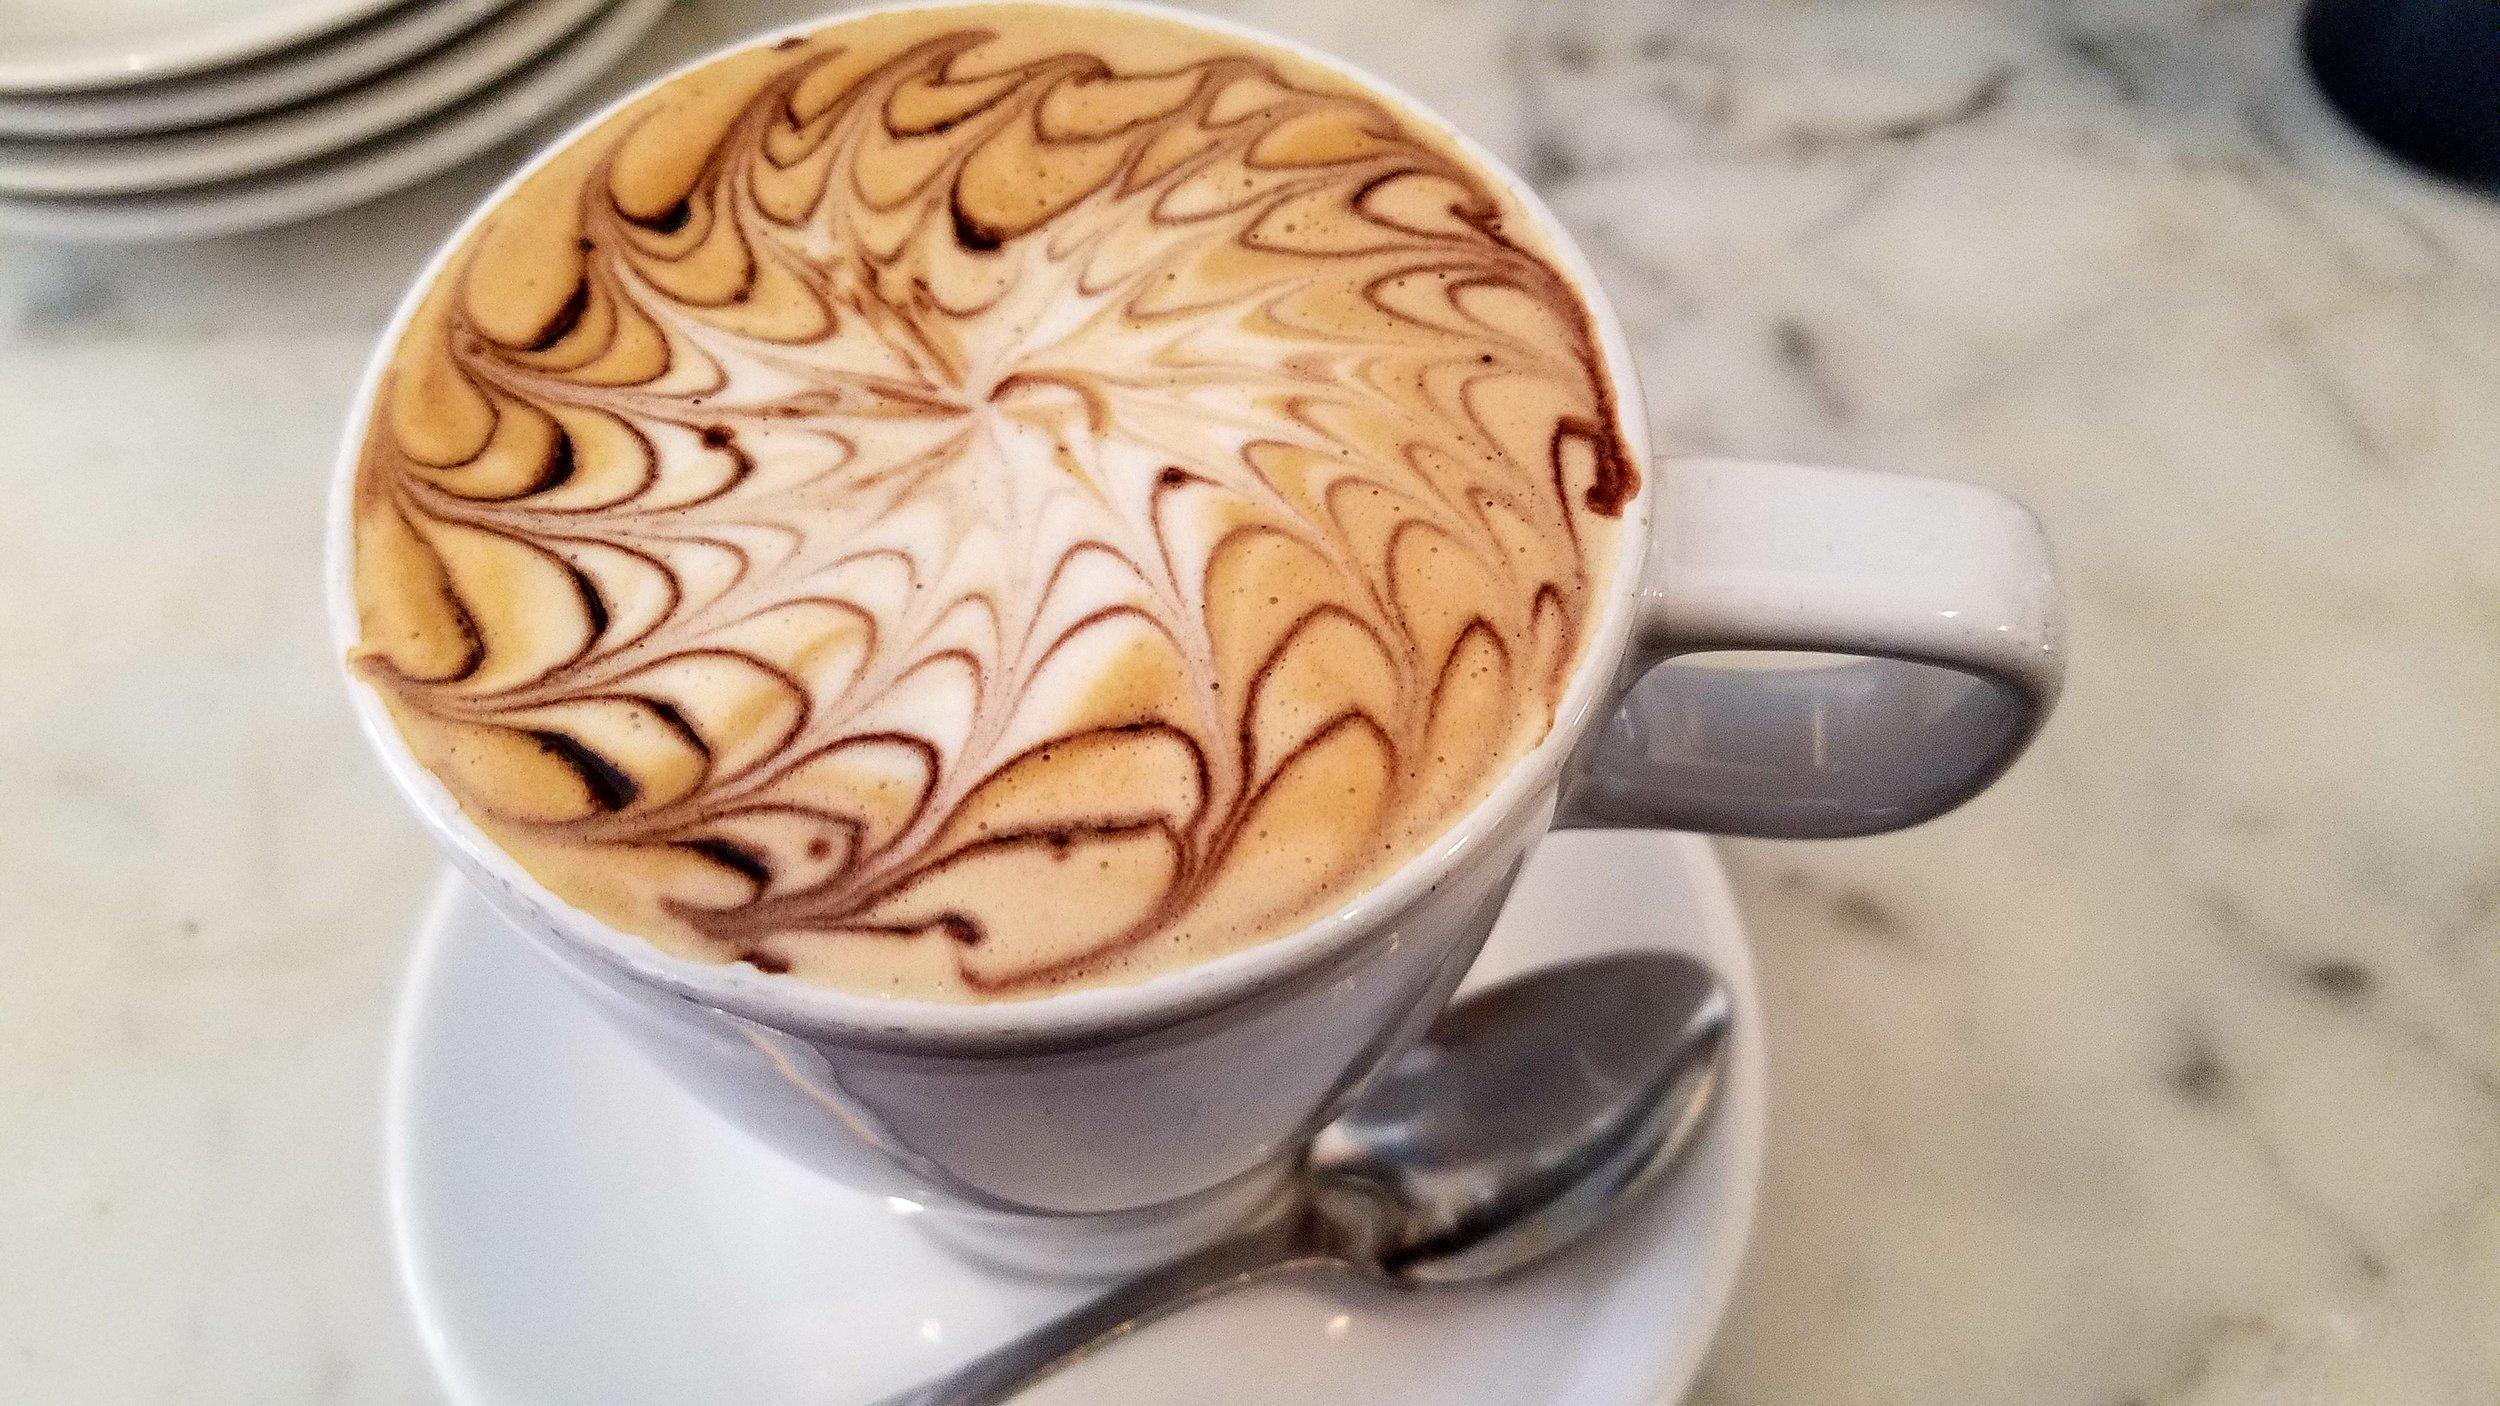 coffee-espresso-latte-mocha-tobys-estate-brooklyn-newyork-williamsburg-brunch-restaurant-local-organic-lunch-dinner-happy-hour-clo-cafe-guatemalan-spanish.JPG